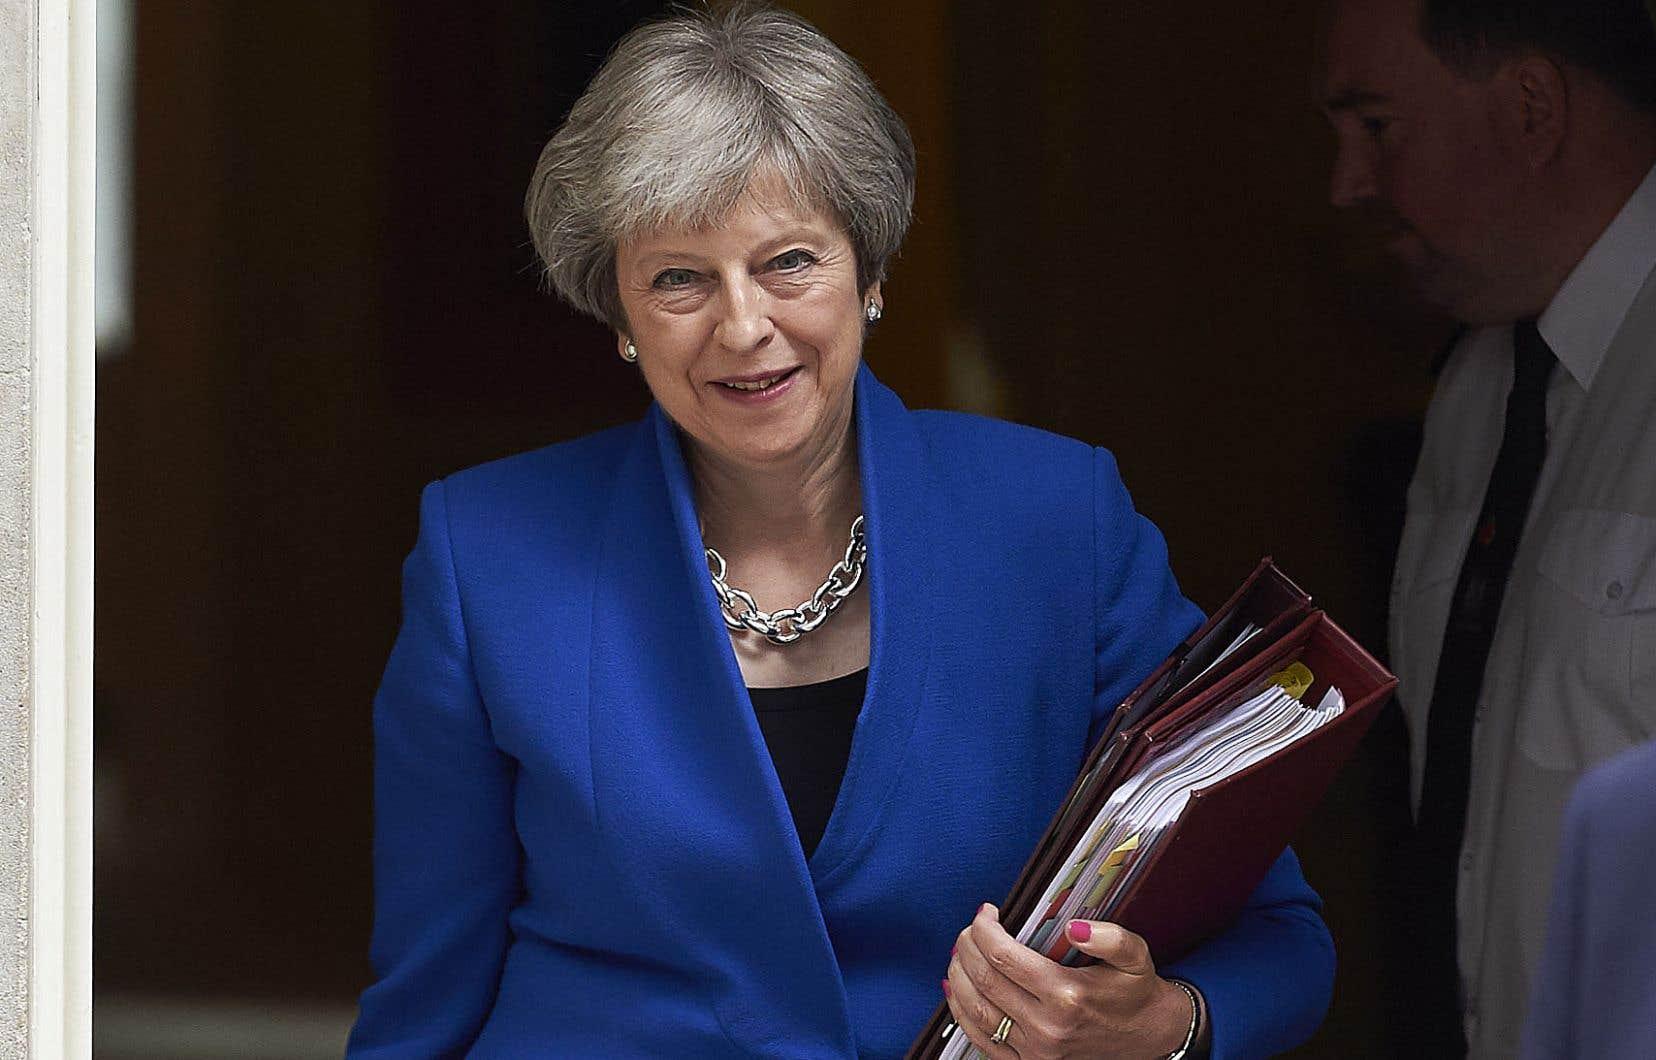 La première ministre du Royaume-Uni, Theresa May, a réussi à faire rentrer dans les rangs les députés conservateurs europhiles réclamant que le dernier mot sur l'accord final avec Bruxelles — s'il y en a un — revienne au Parlement.